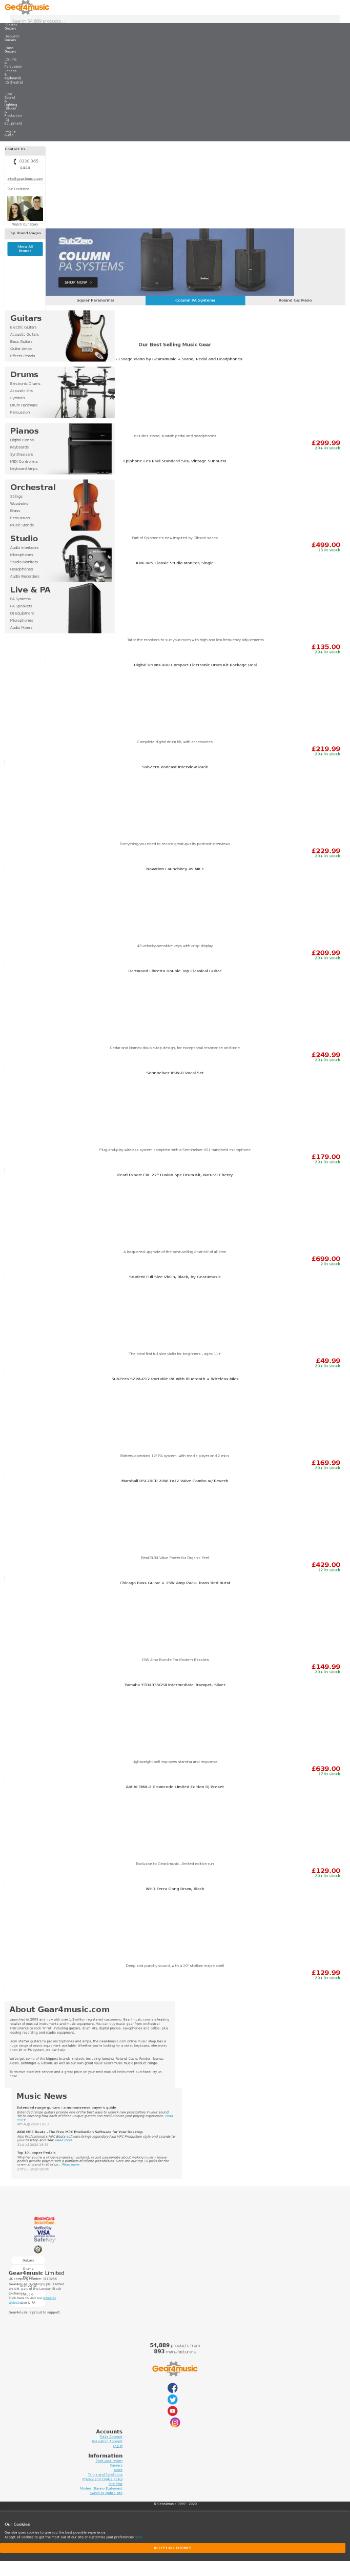 Gear4music (Holdings) plc Website Screenshot